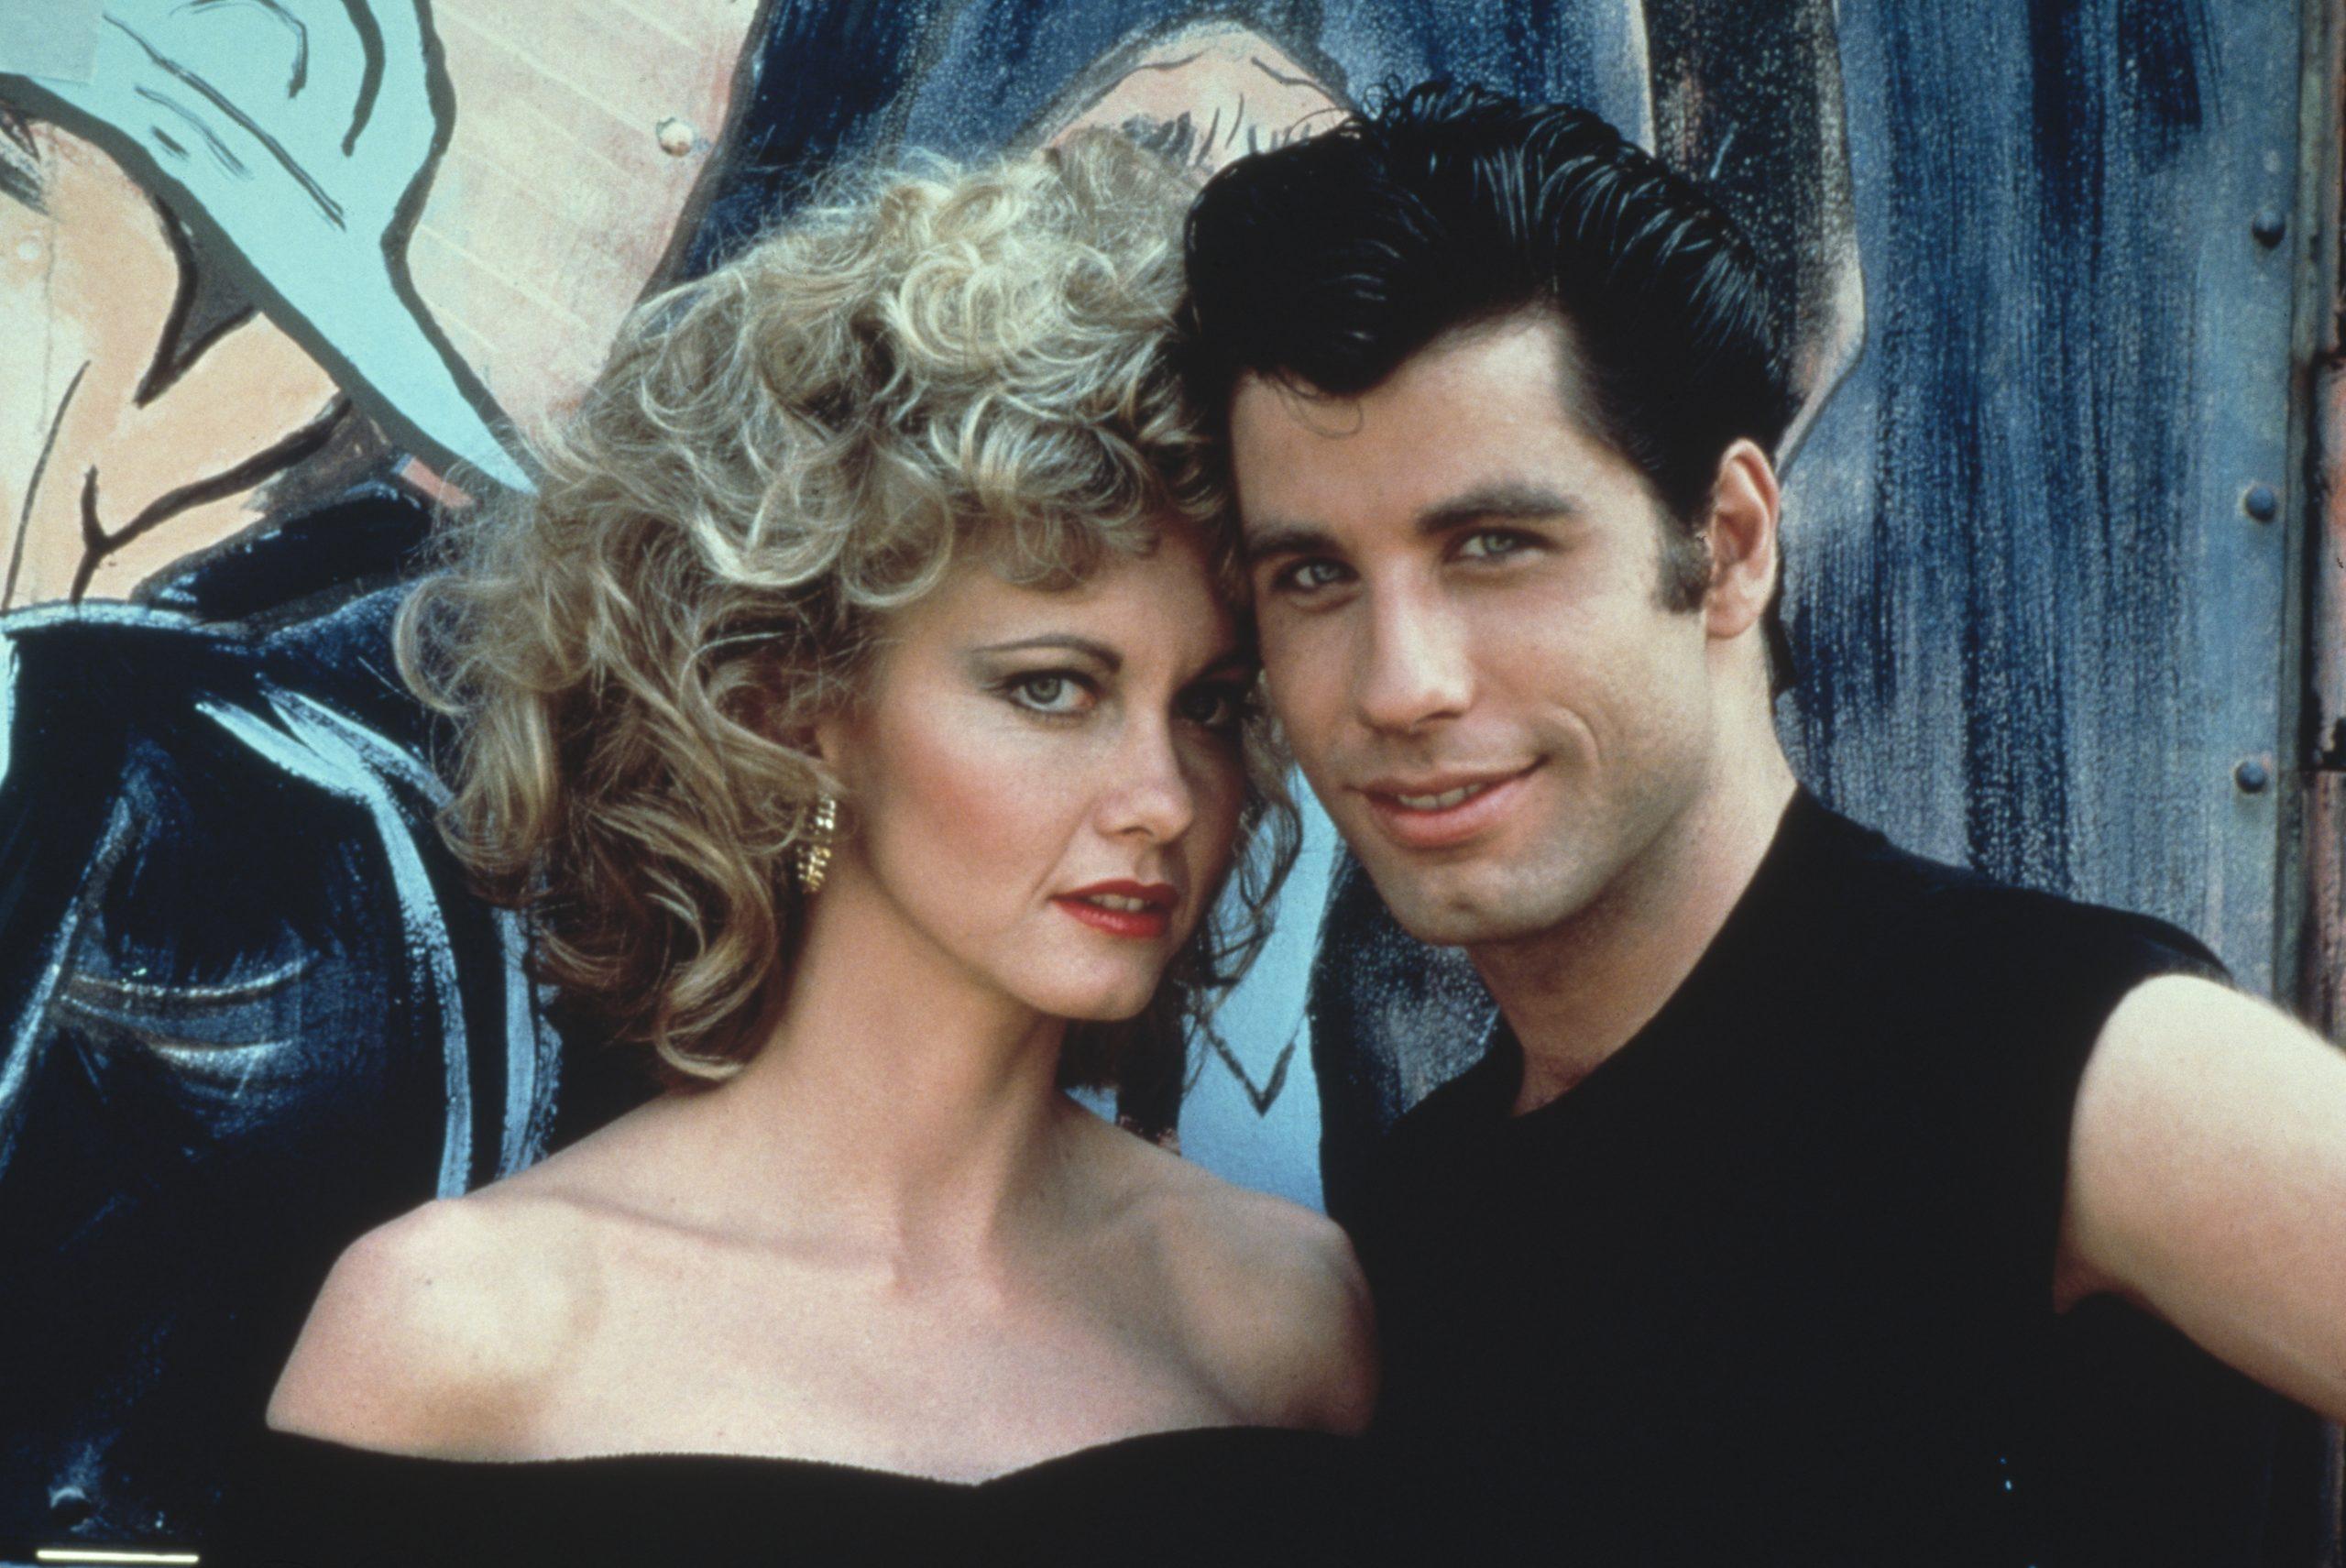 ¡Danny Zuko volvió! John Travolta recrea junto a su hija una escena de 'Grease'